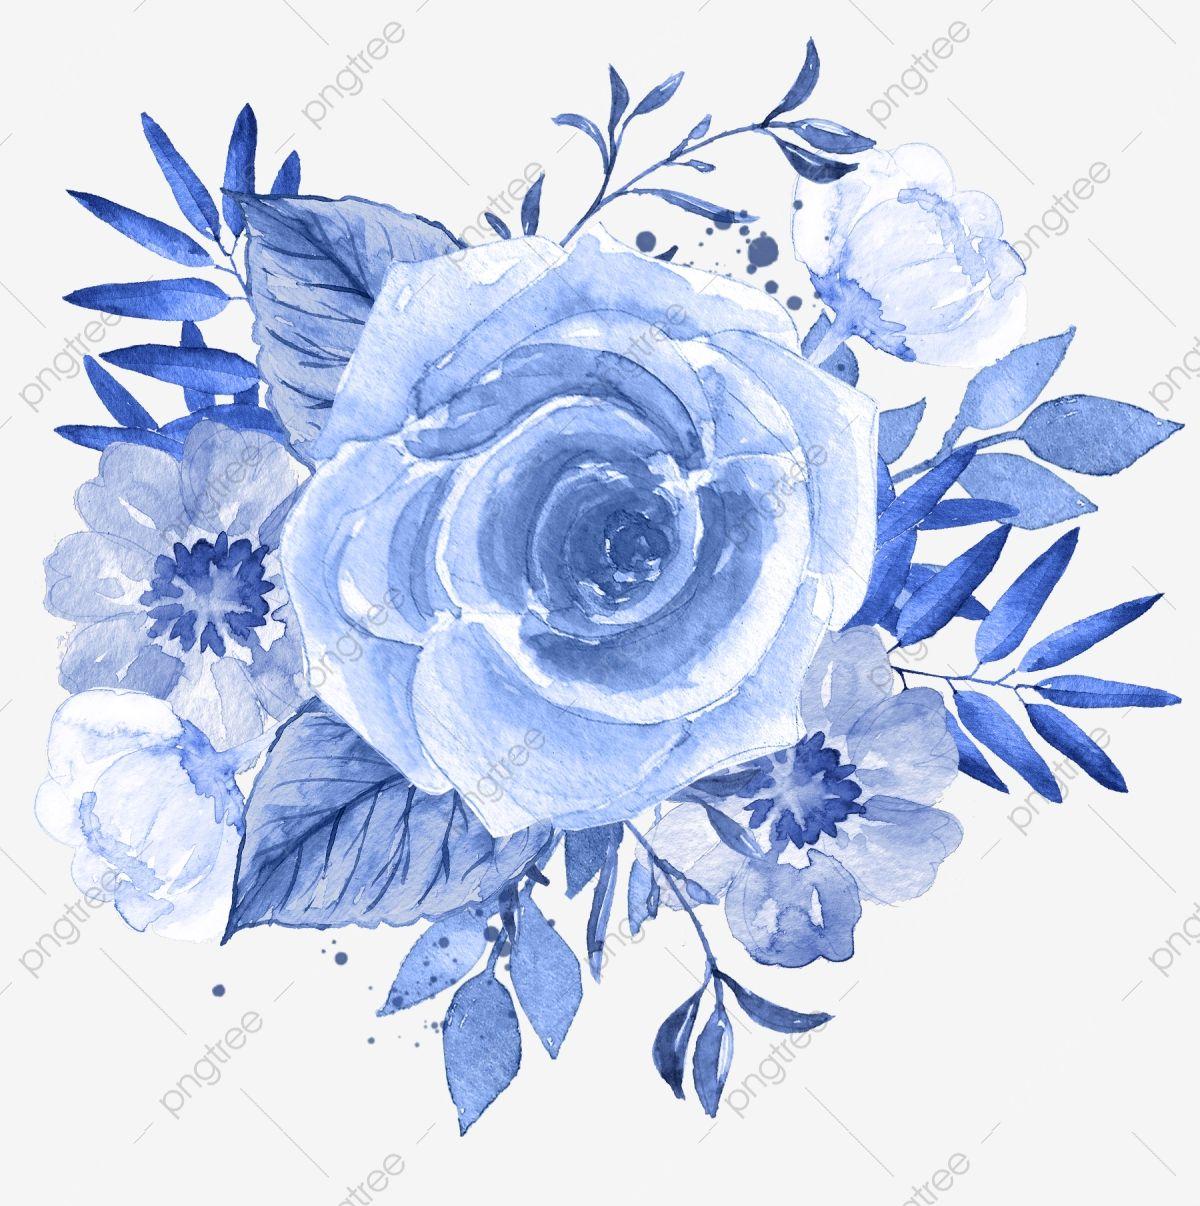 Niebieski Kwiatek In 2020 Flower Drawing Blue Flower Png Blue Flower Wallpaper